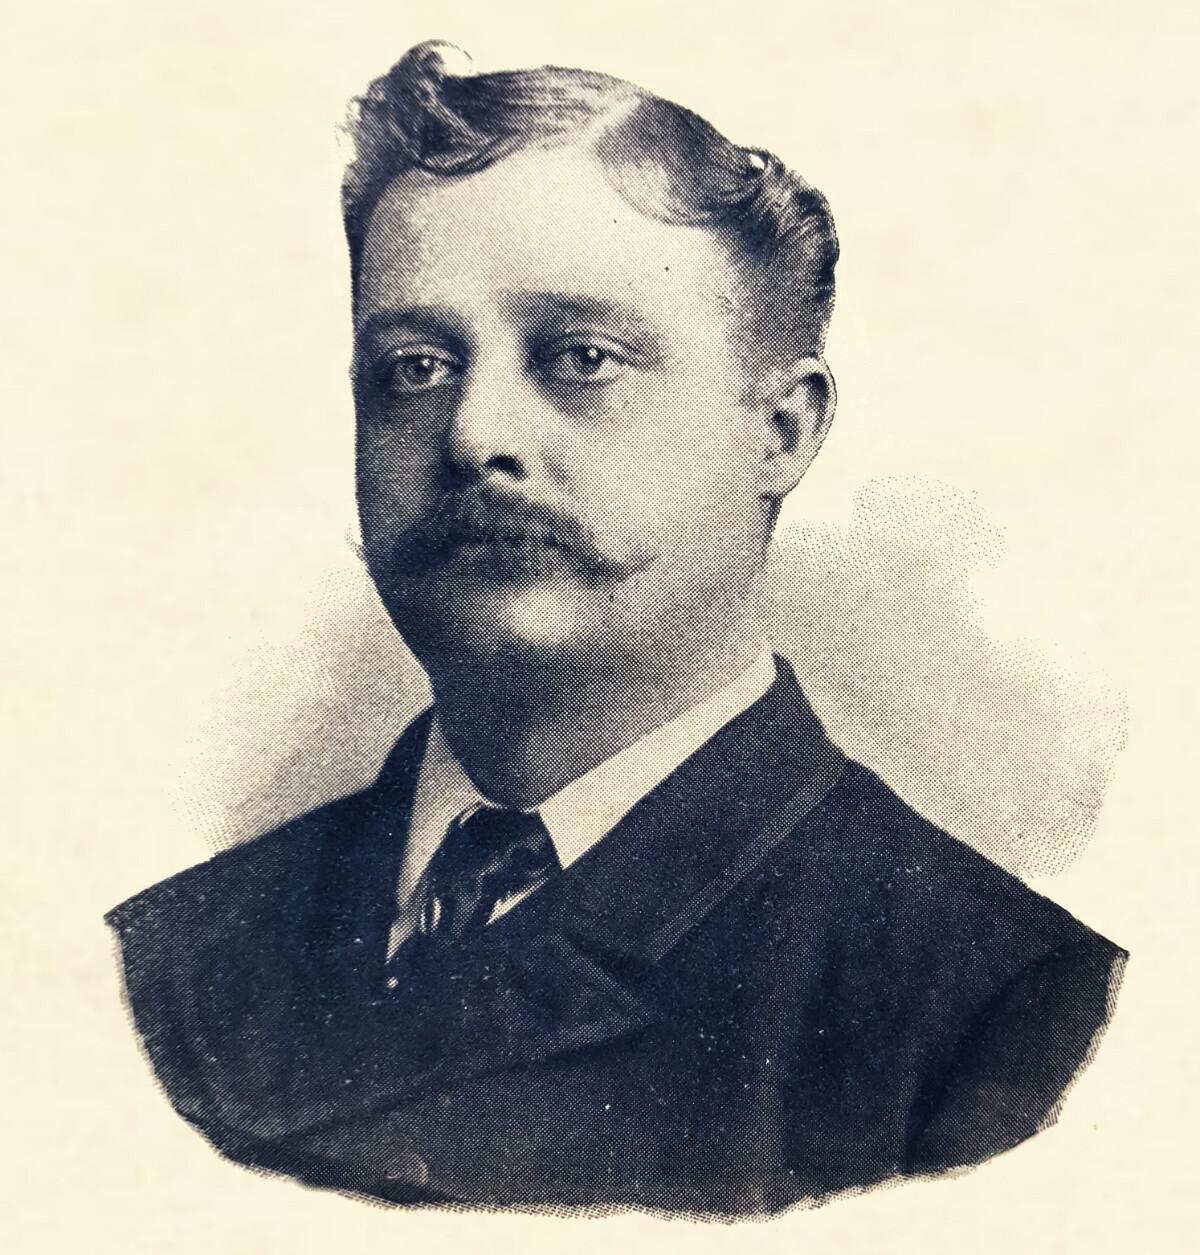 Silas Leachman